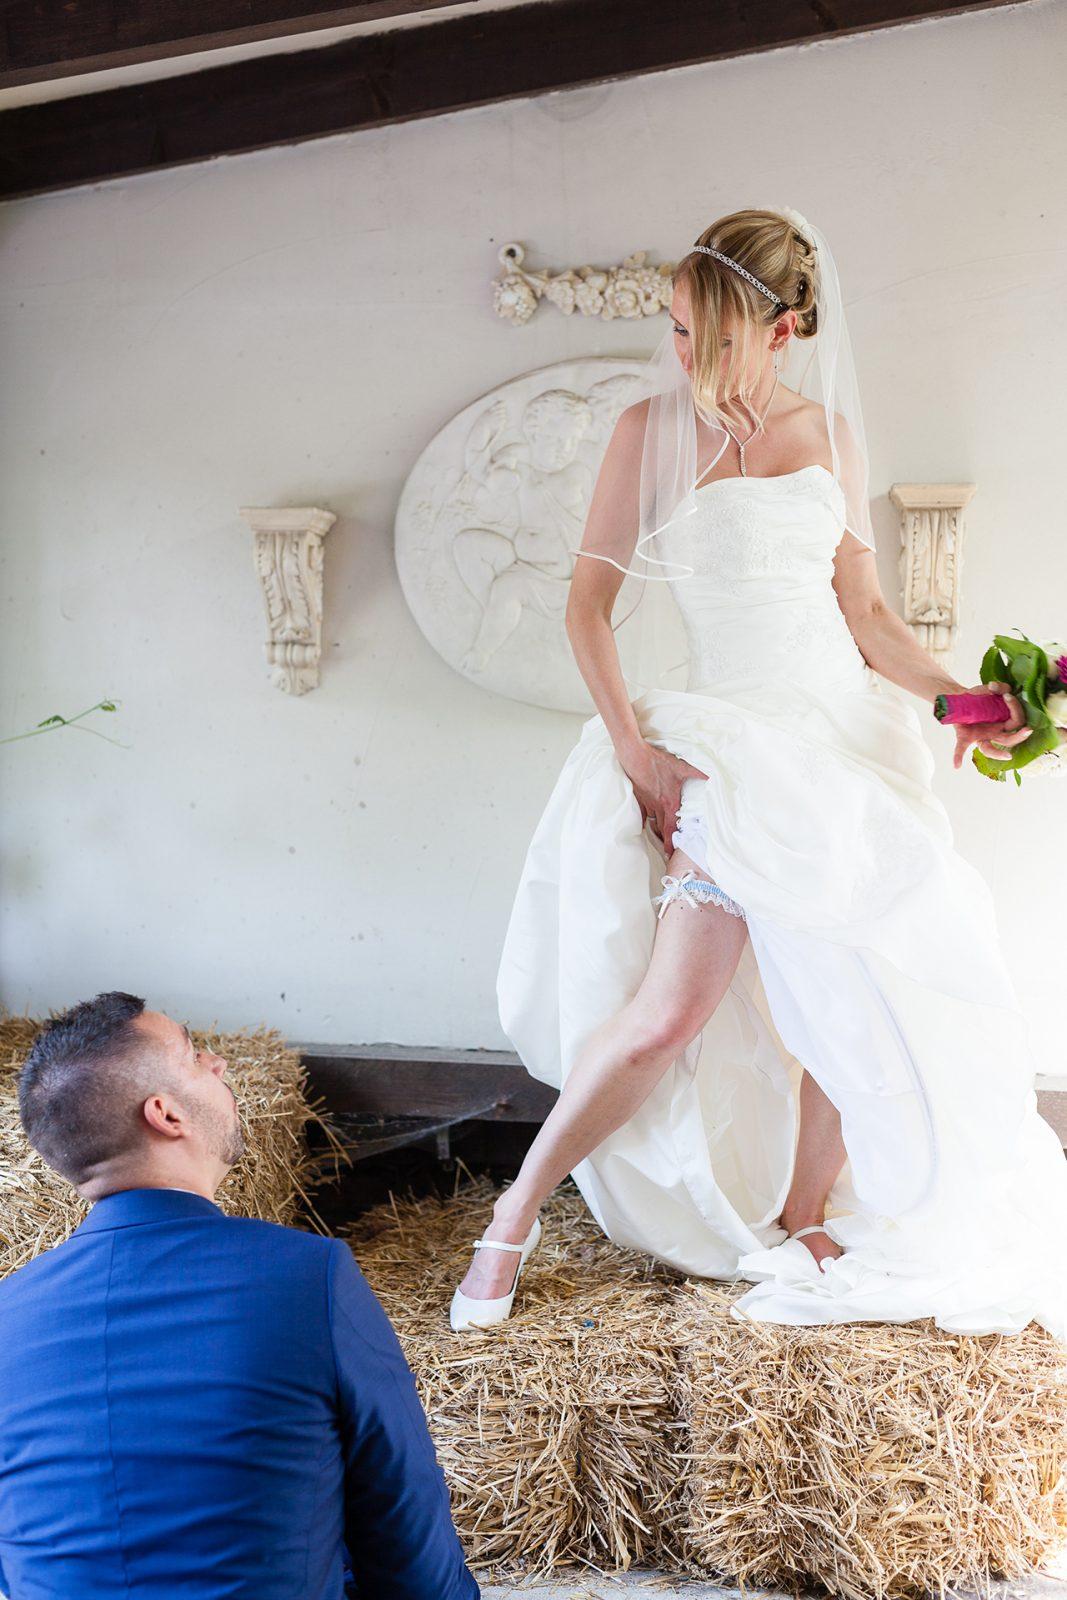 Strumpfband der Braut